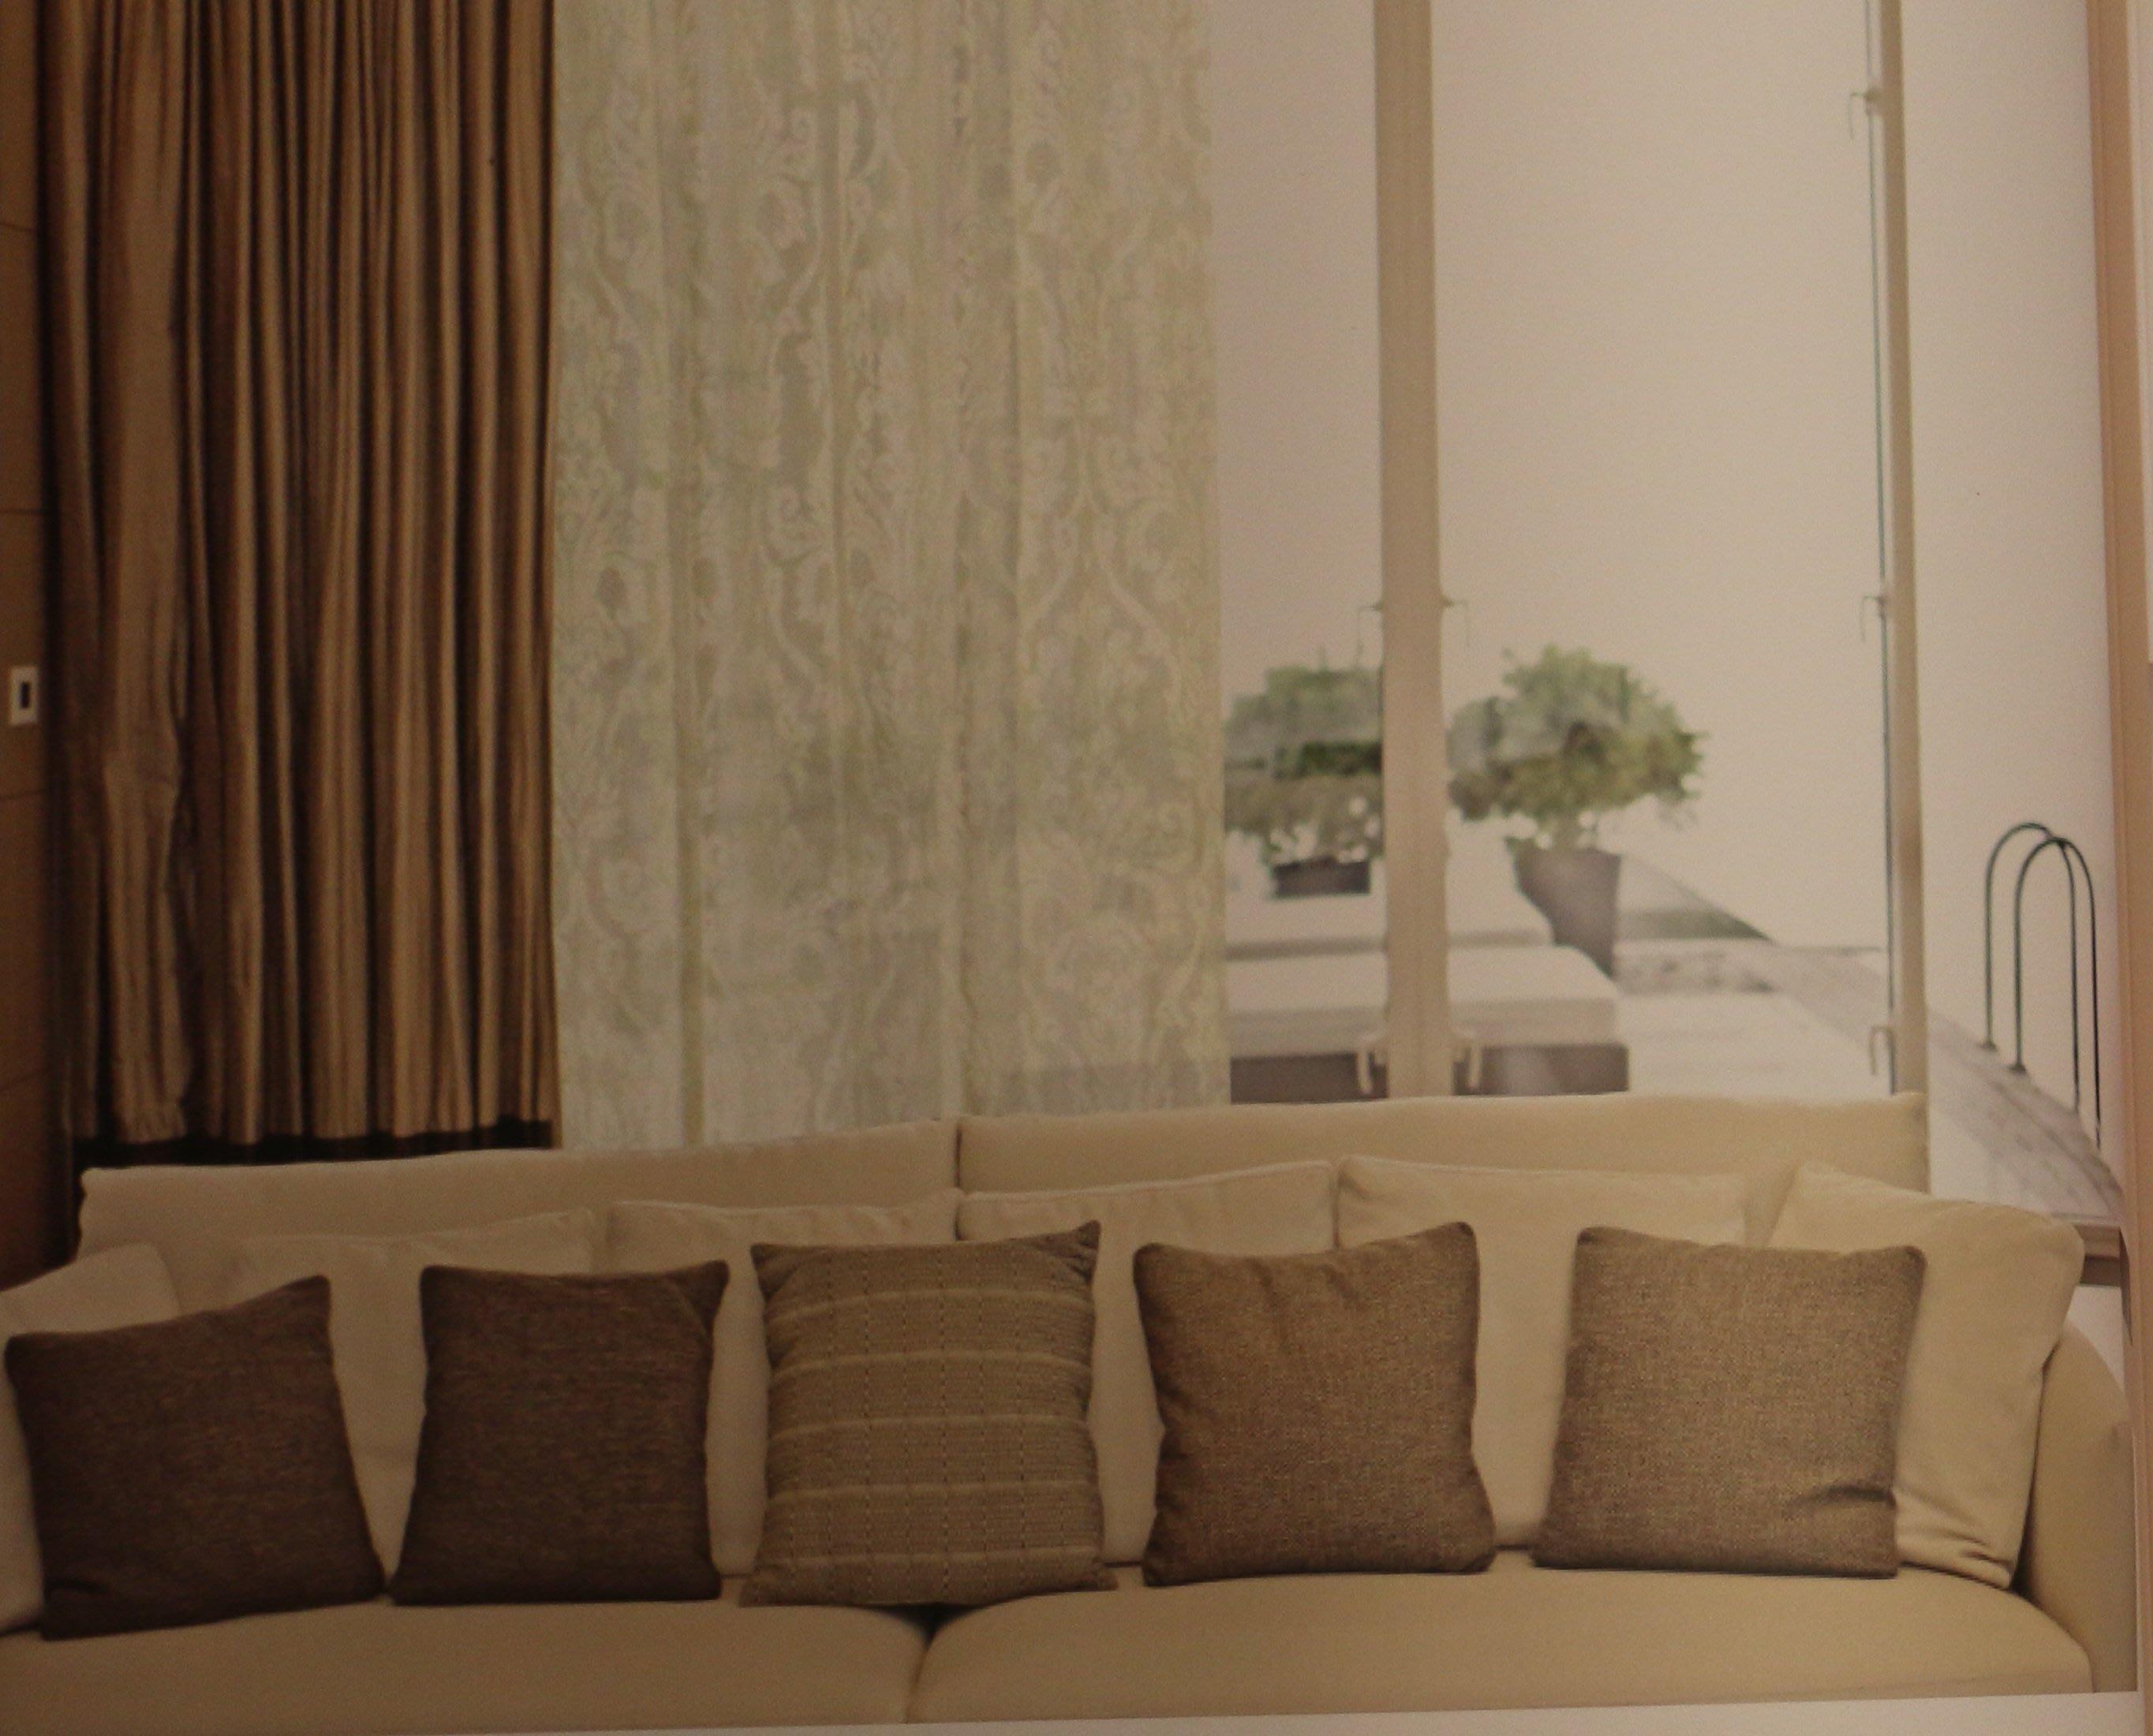 【巧巧窗簾】訂製窗簾、 窗簾布、拉門、 百葉窗、木織簾、羅馬簾、防火捲簾、直立百葉、各式歐式造型、門簾、桌巾、傢飾